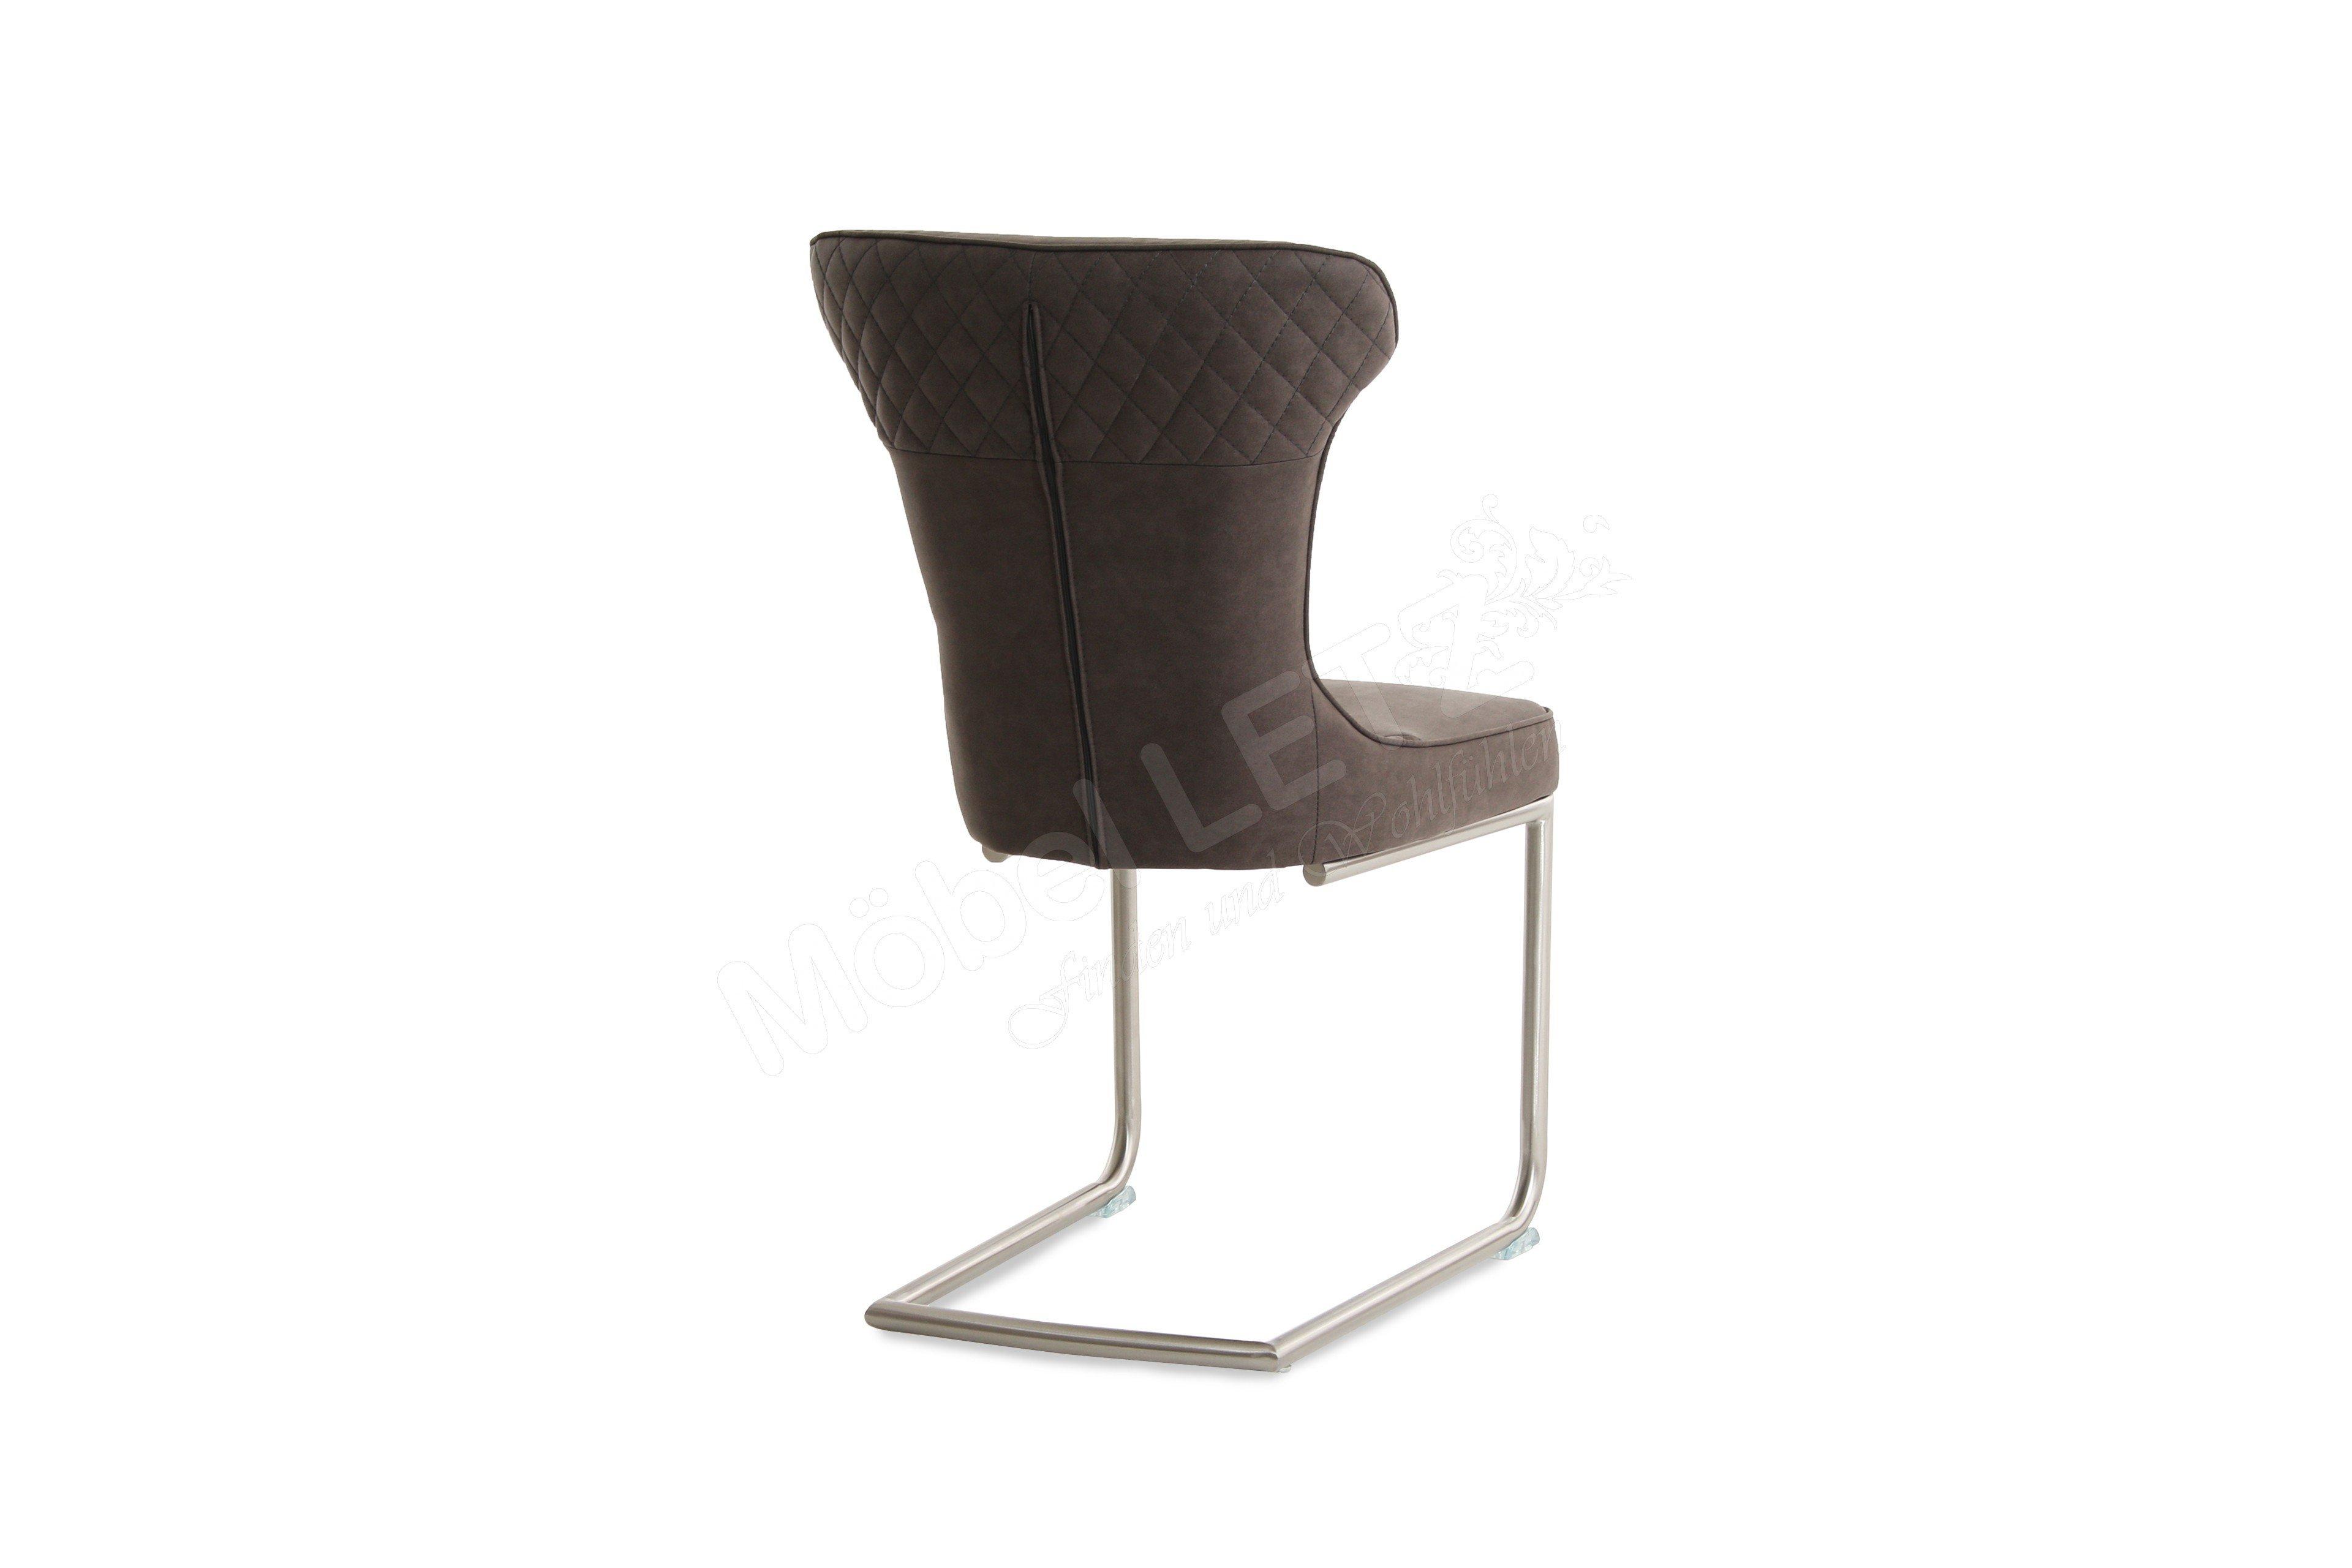 wohn gl ck lich stuhl noele 5081 anthrazit m bel letz. Black Bedroom Furniture Sets. Home Design Ideas